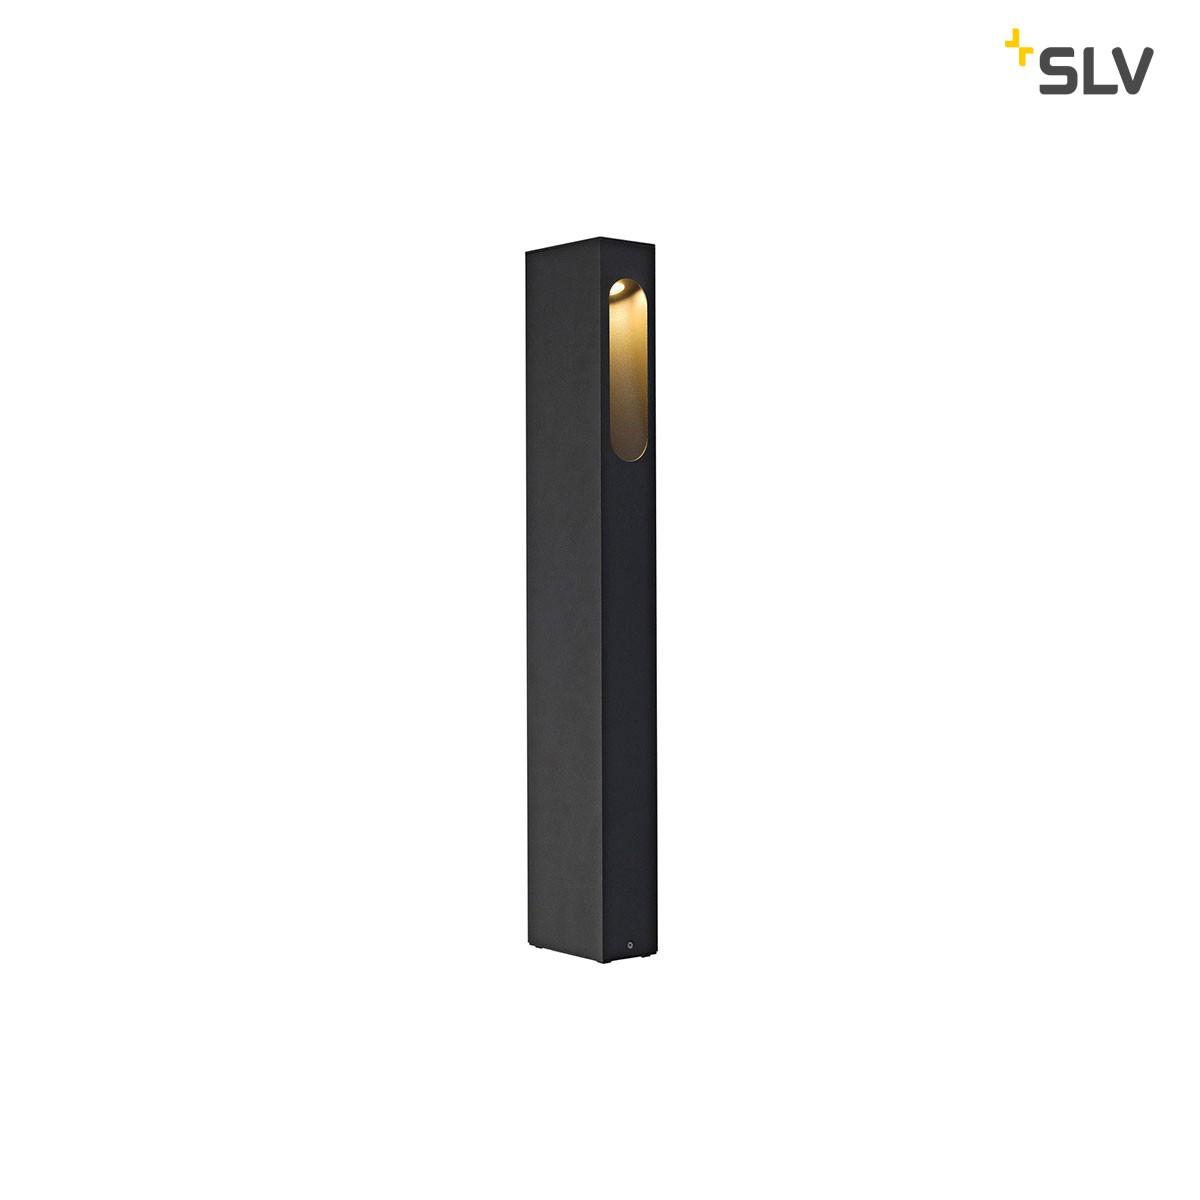 SLV Slotbox Außenstehleuchte, Höhe: 70 cm, anthrazit